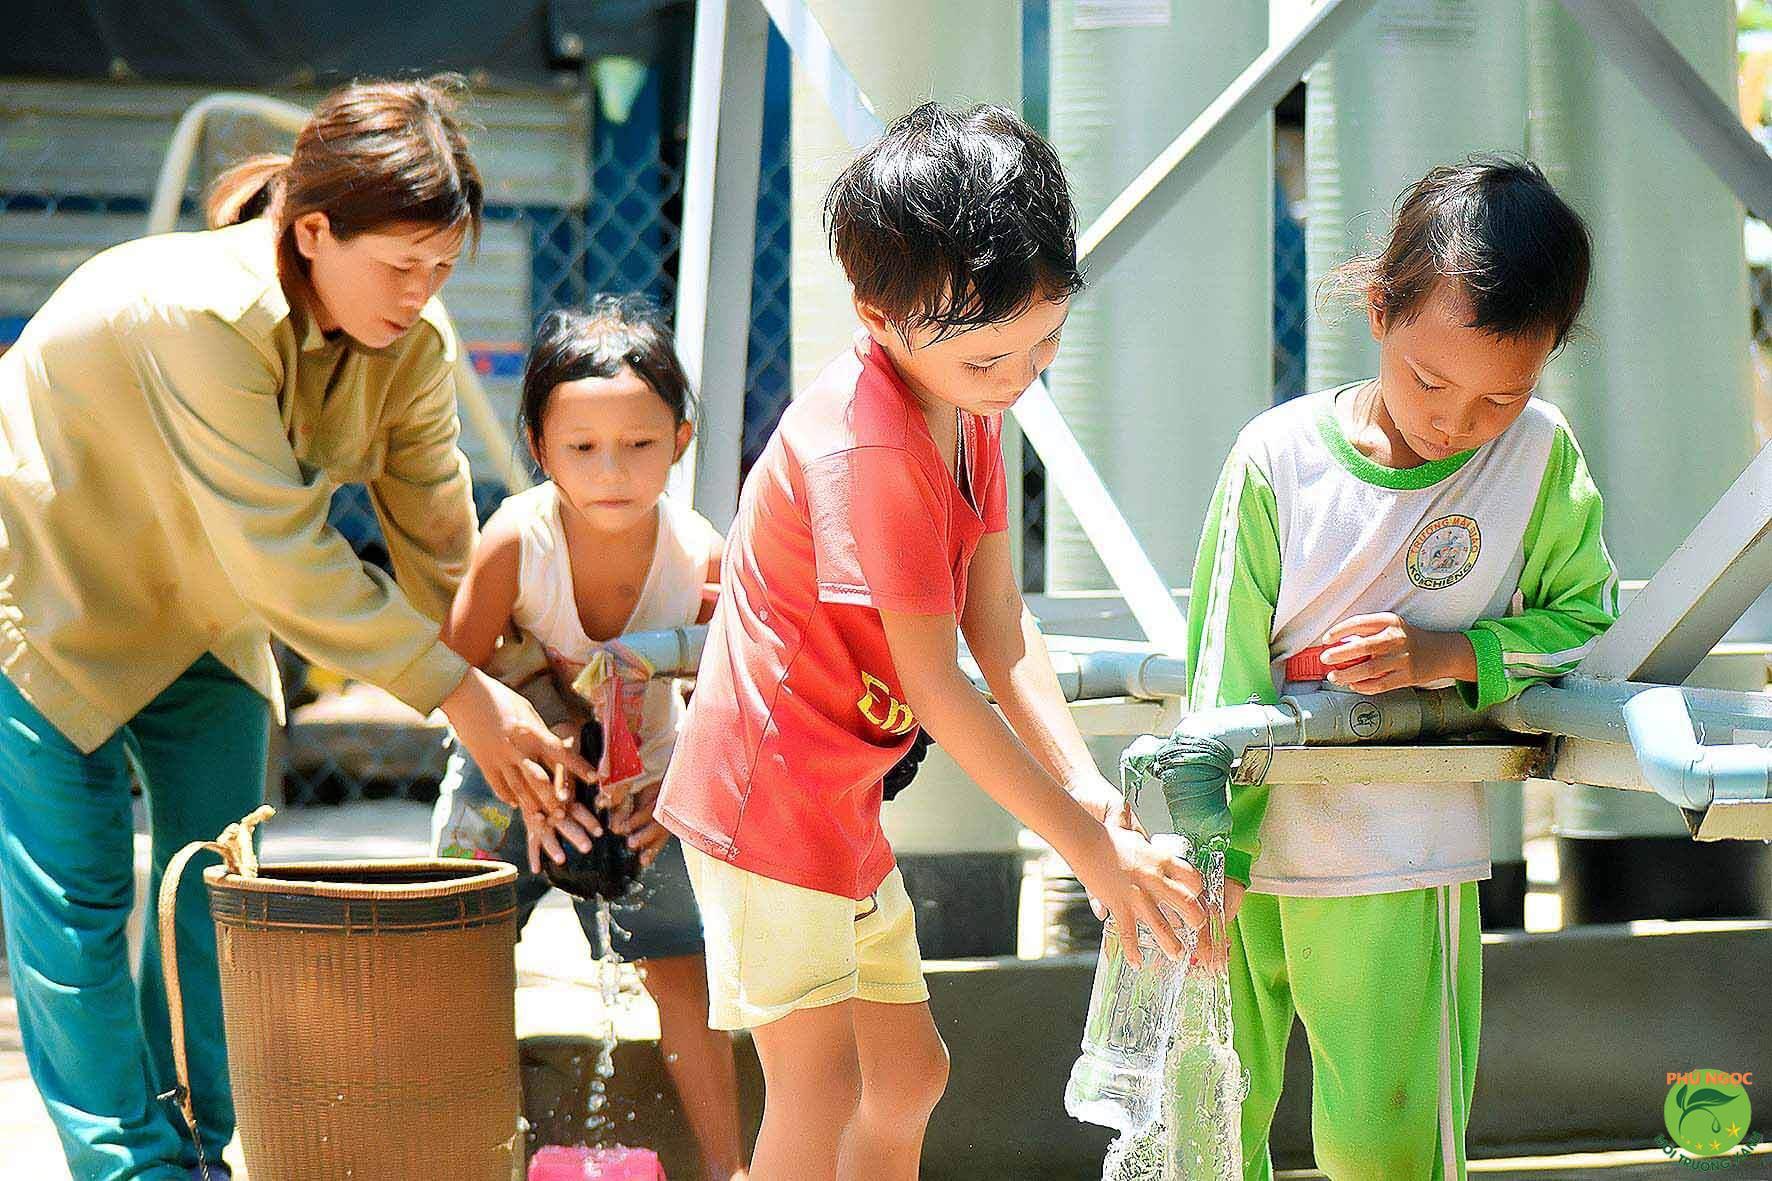 Giá nước sinh hoạt được tính theo quy định chuẩn